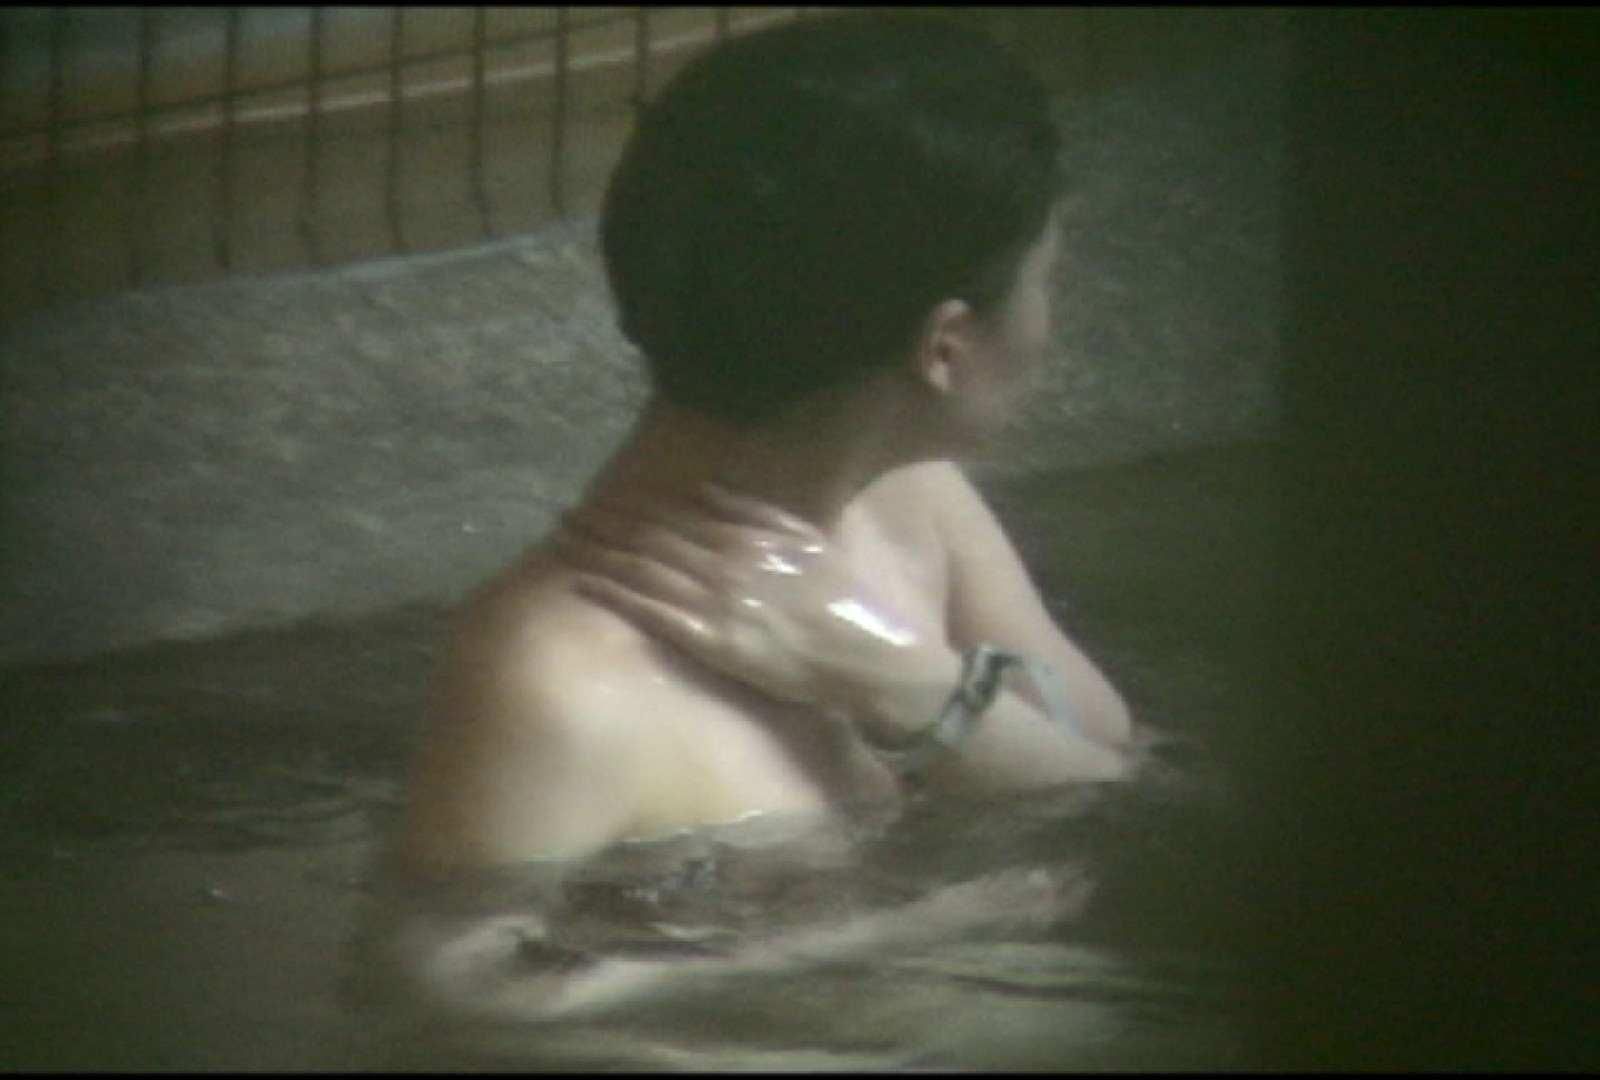 Aquaな露天風呂Vol.699 盗撮シリーズ  93PIX 40